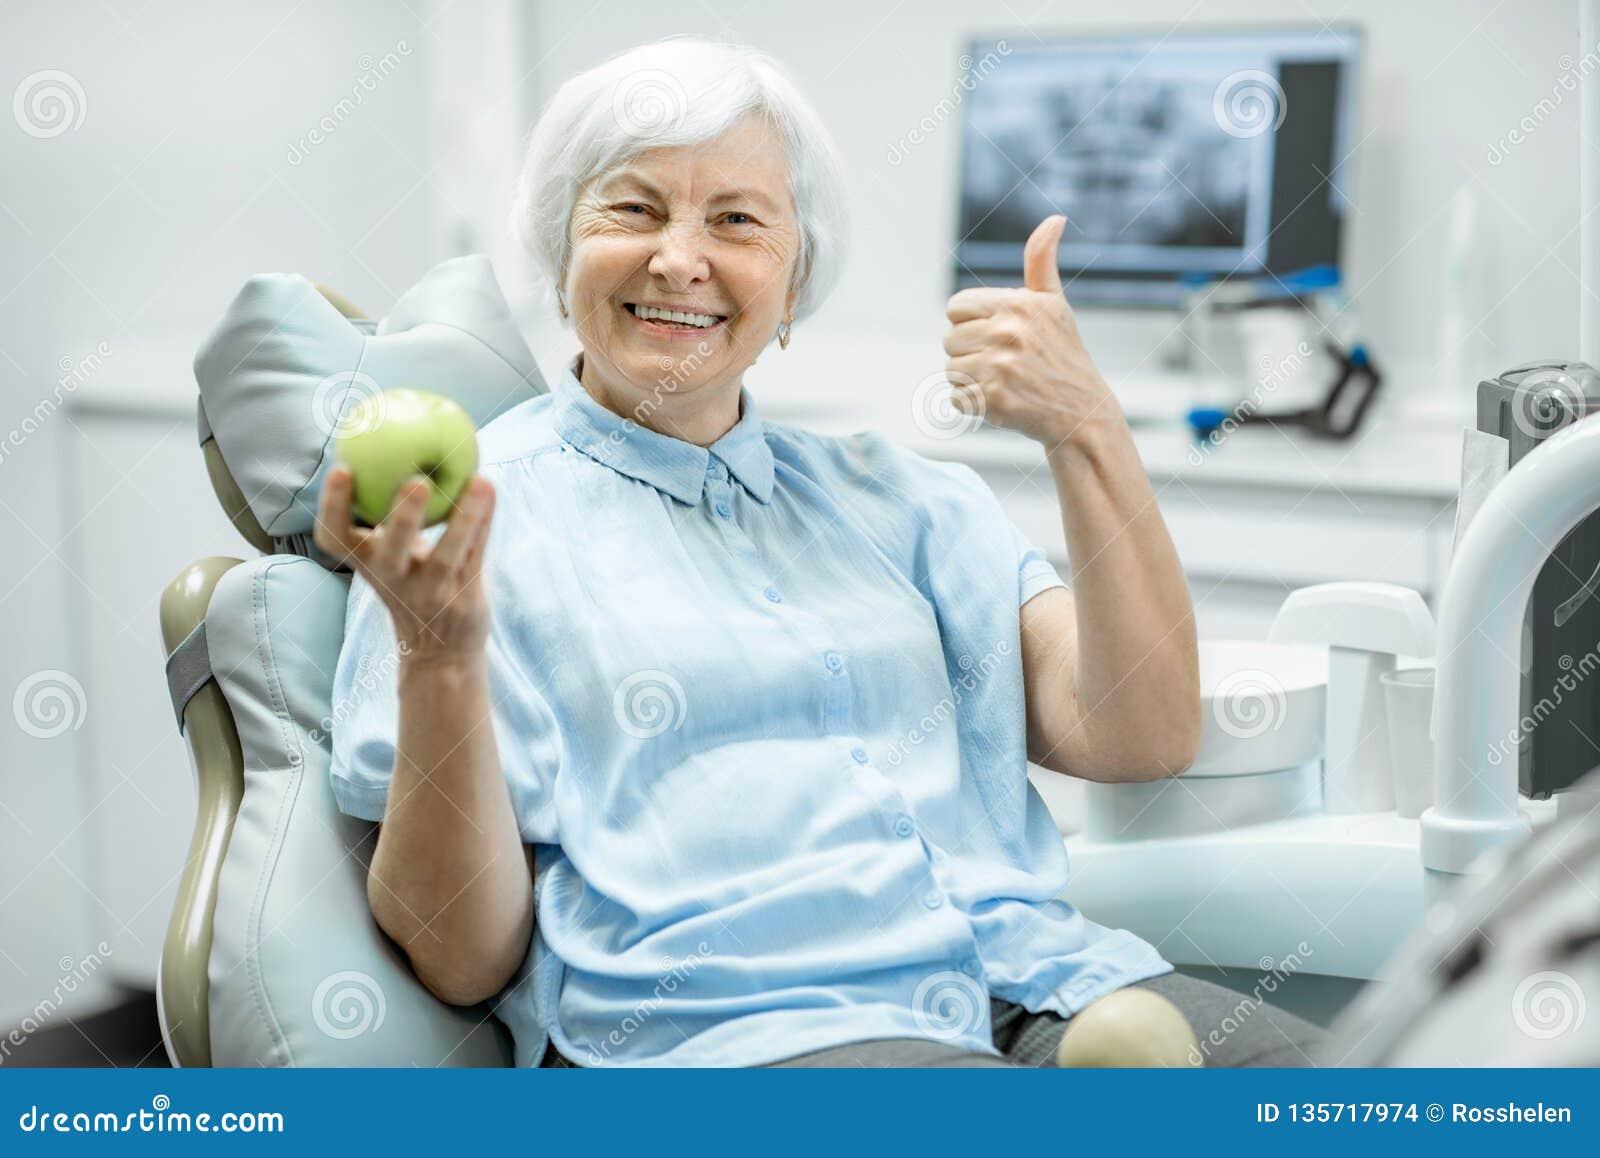 Portret van een hogere vrouw op het tandkantoor